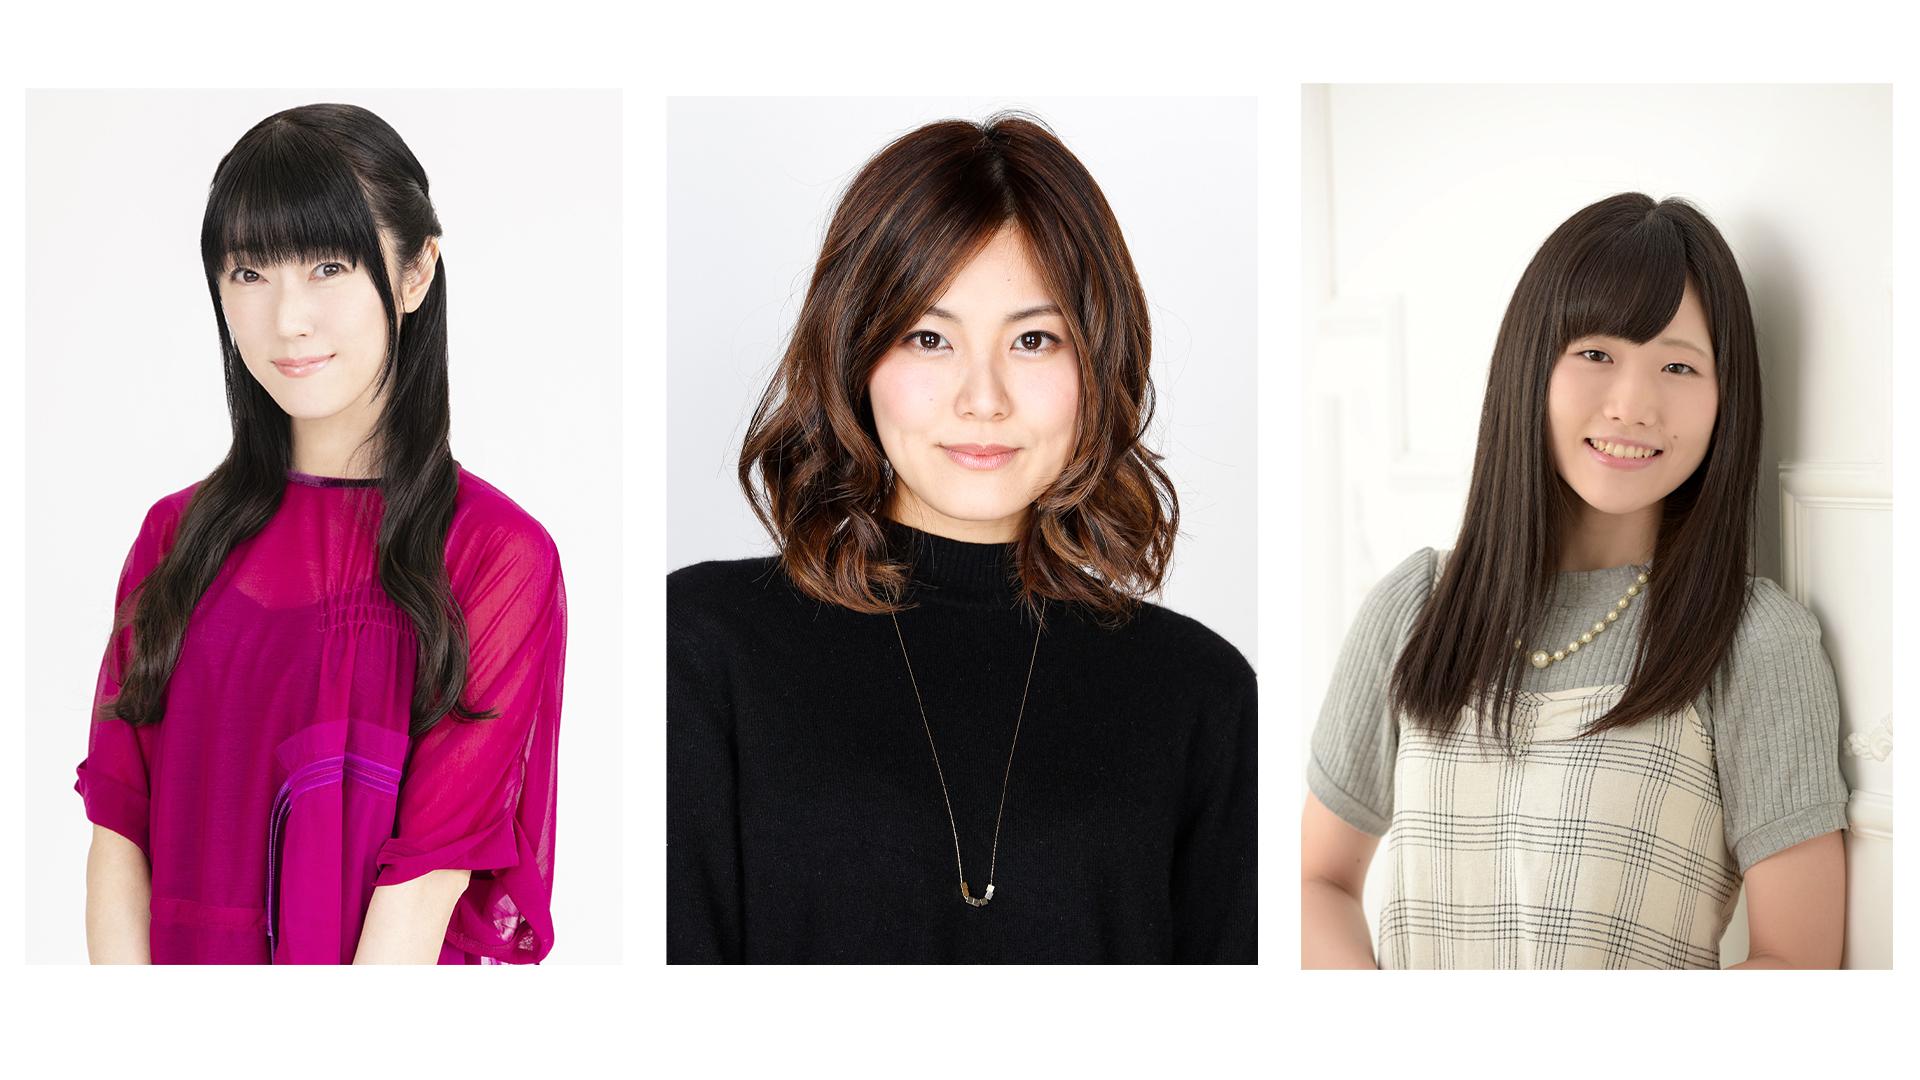 (左から)釘宮理恵さん、 金元寿子さん、 長谷川育美さん